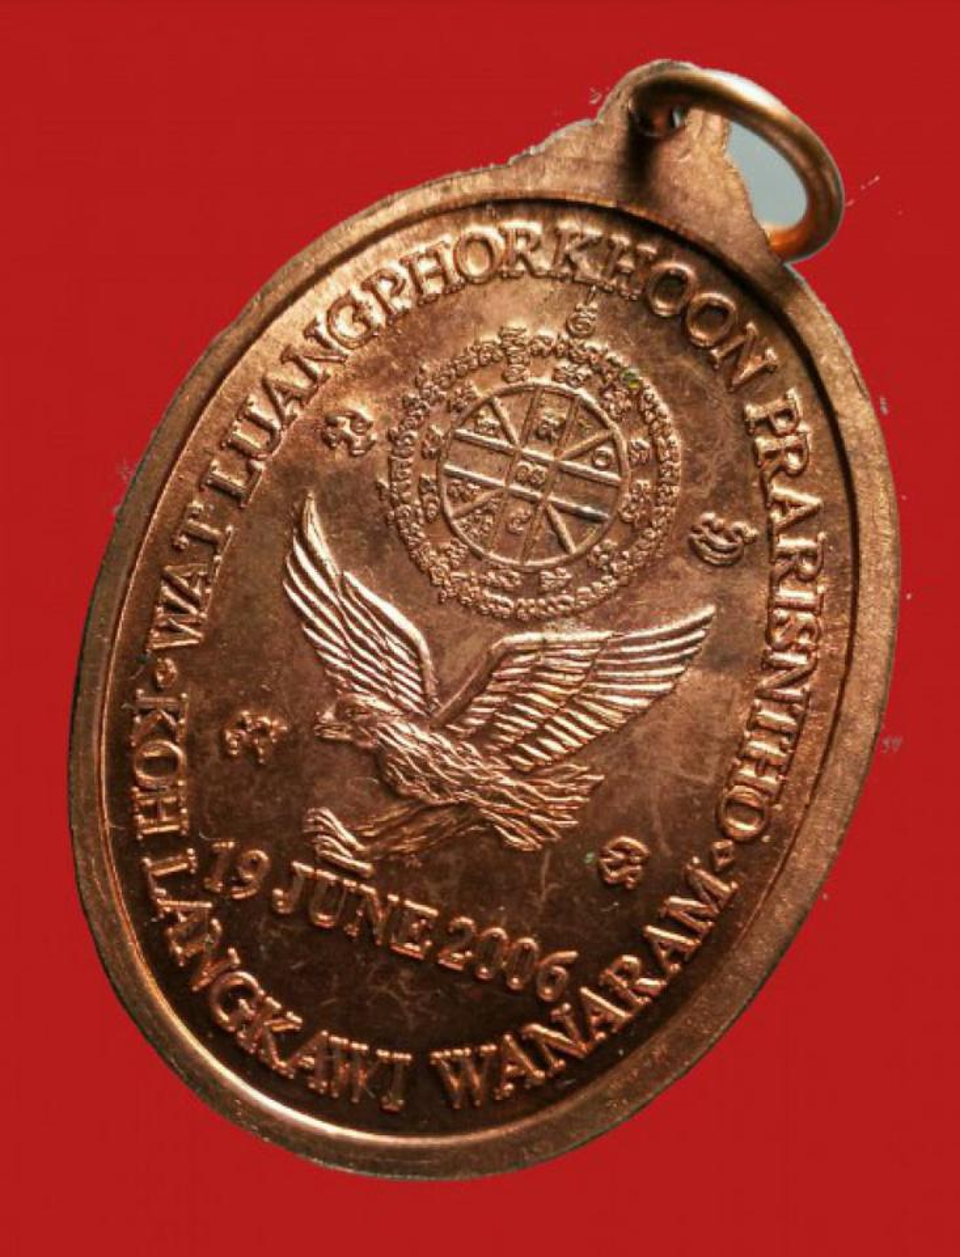 เหรียญหลวงพ่อคูณ รุ่นสร้างวัดเกาะลังกาวี 2006 มาเลเซีย เปิดแบ่งปัน รูปที่ 2